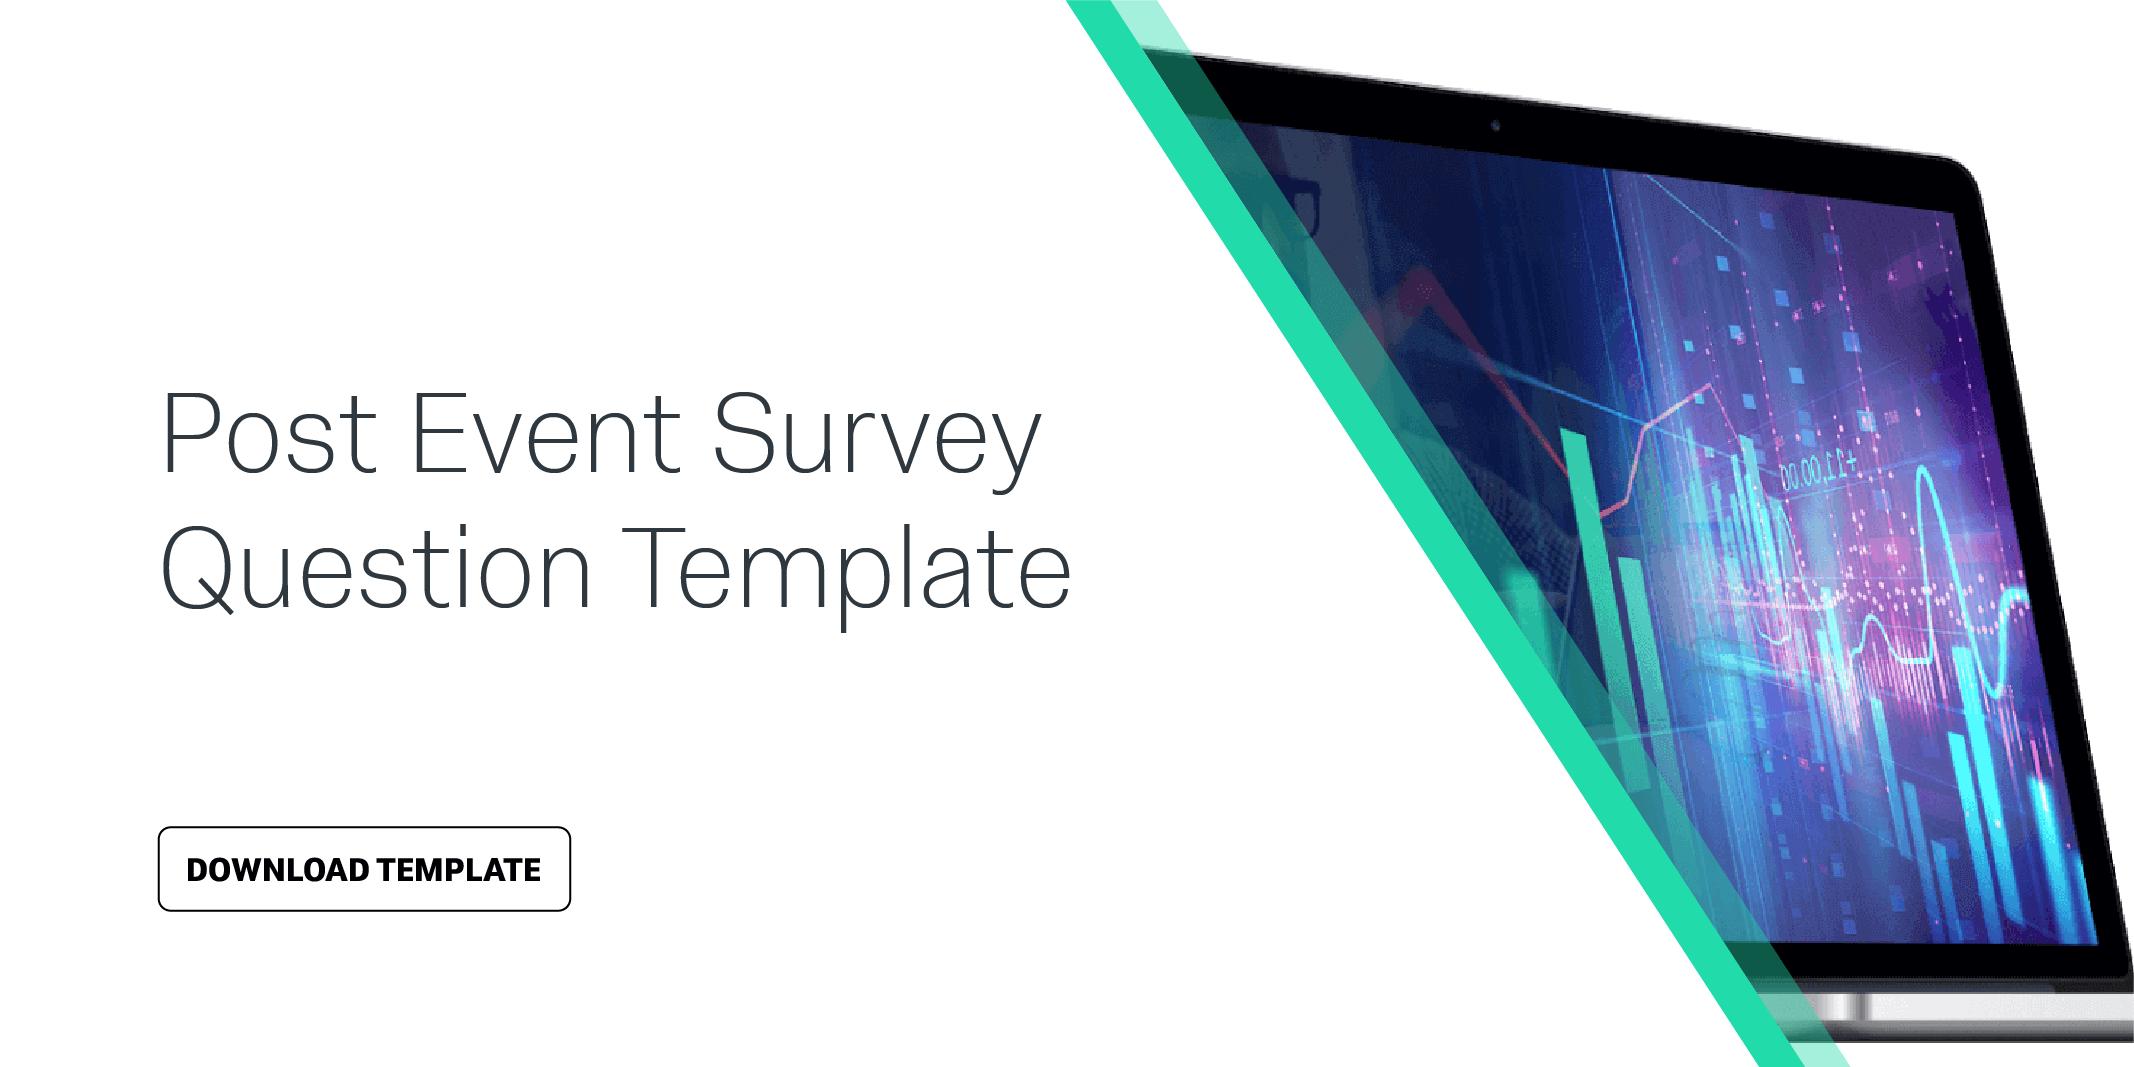 Post Event Survey Question Template | Qualtrics